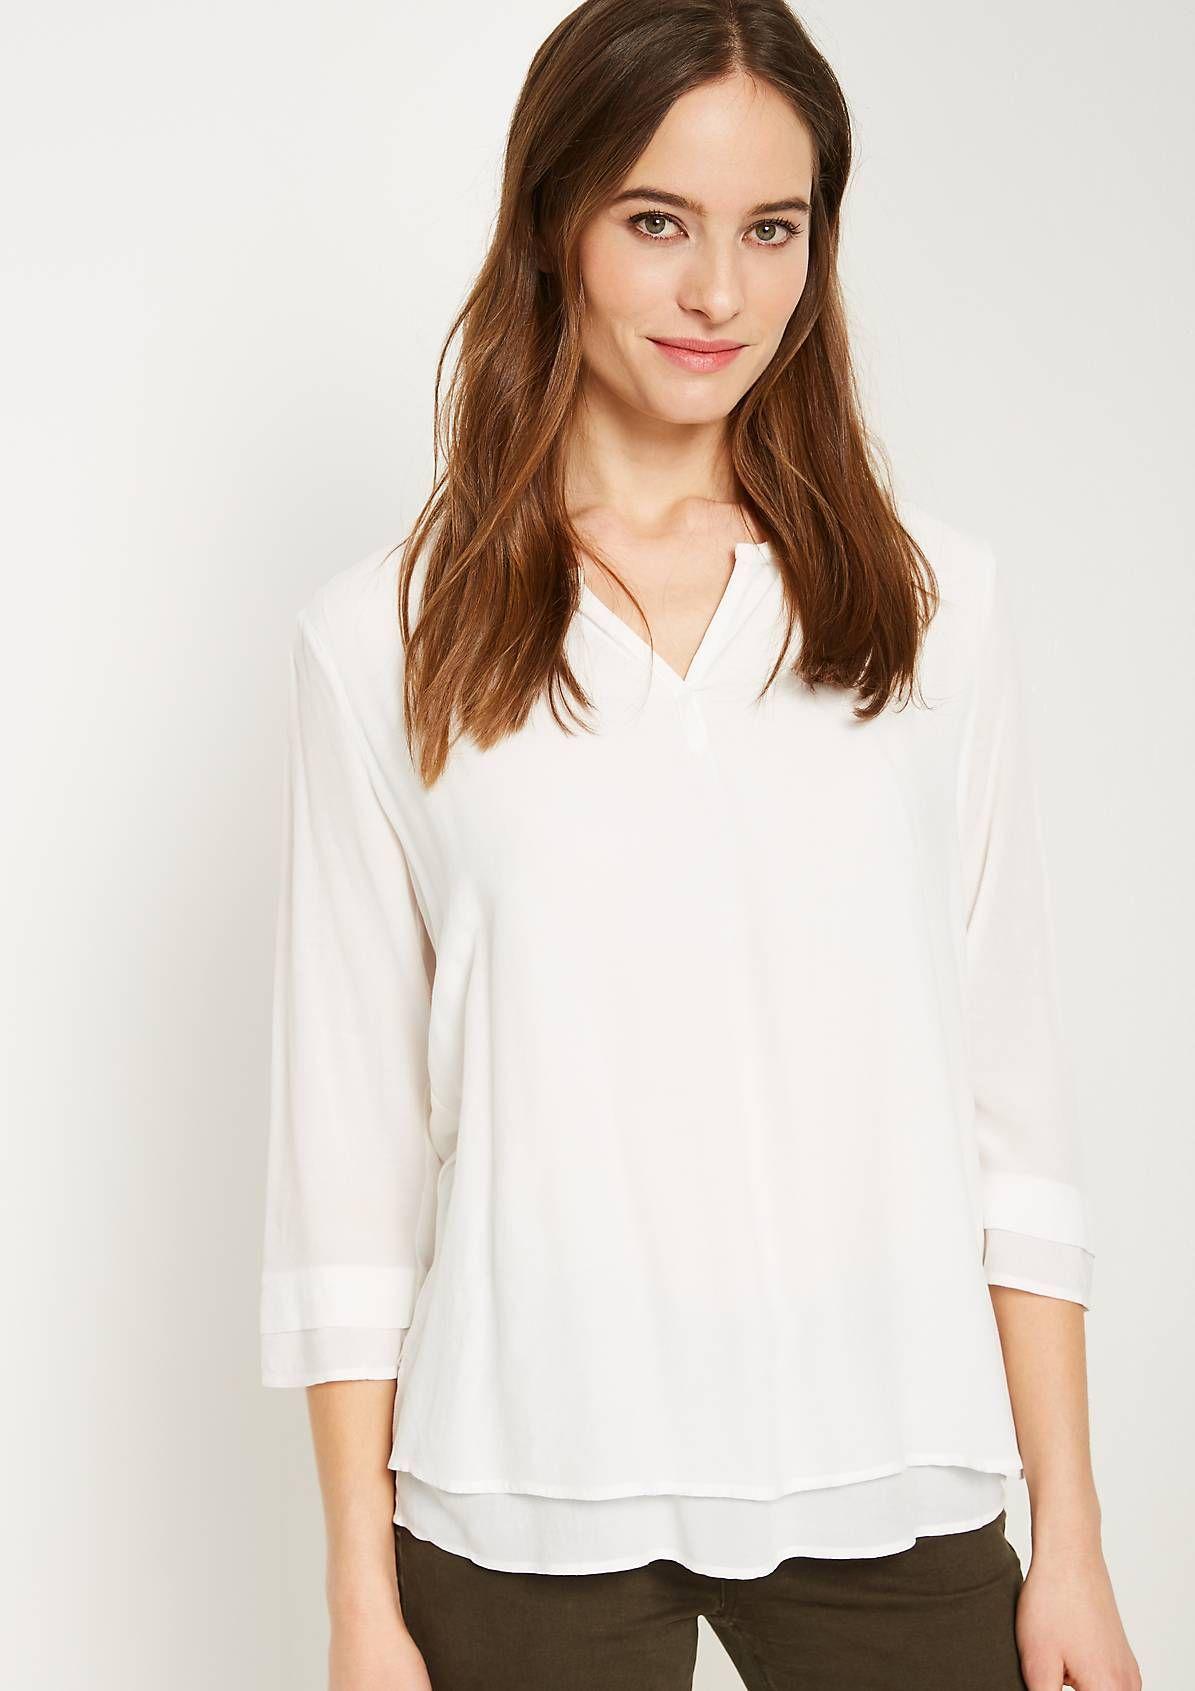 großartiges Aussehen üppiges Design Wählen Sie für neueste 3/4-sleeve blouse ekkor: 2019 | GirlyThings